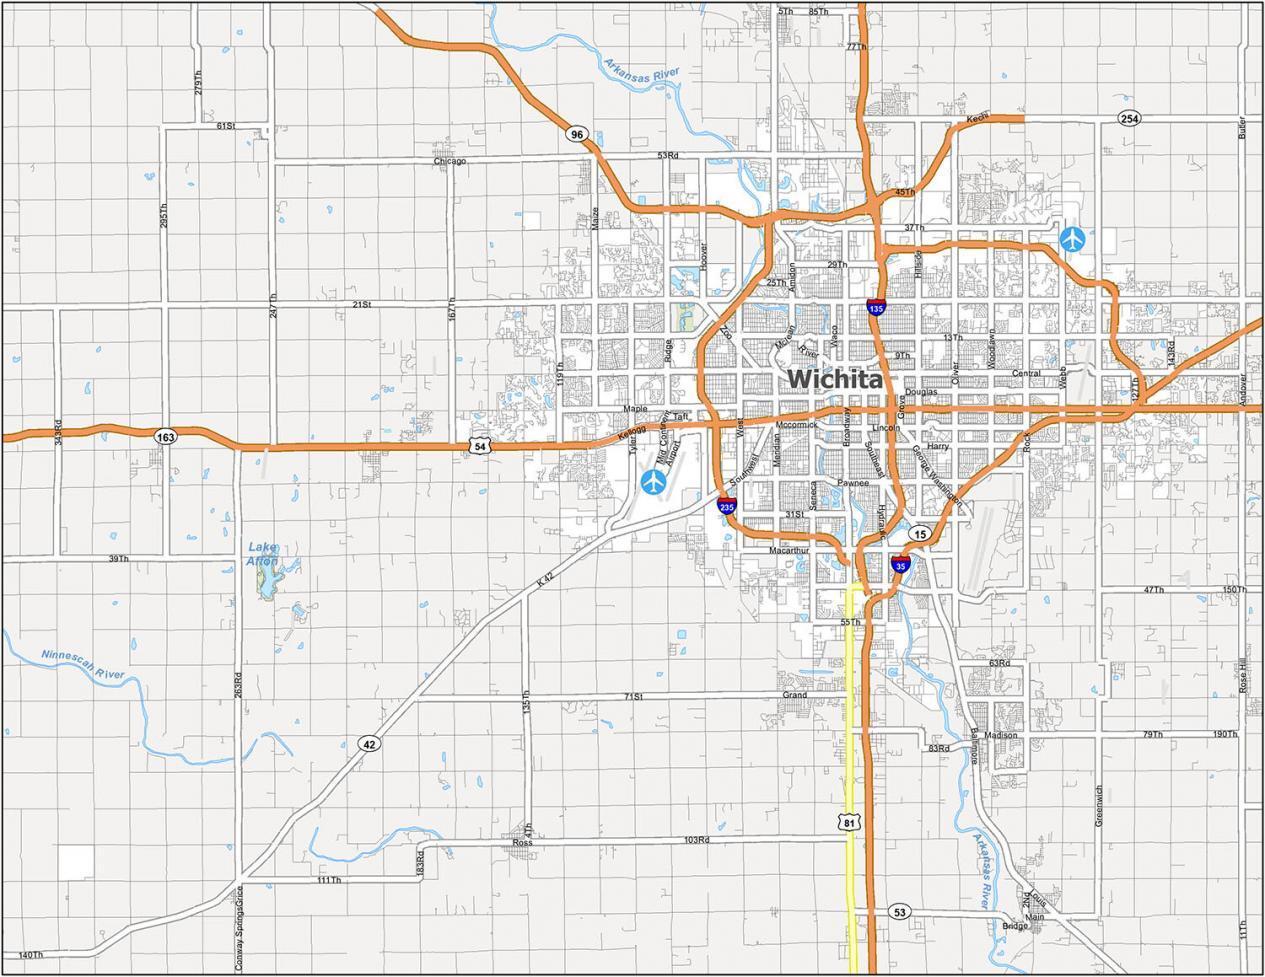 Wichita Road Map